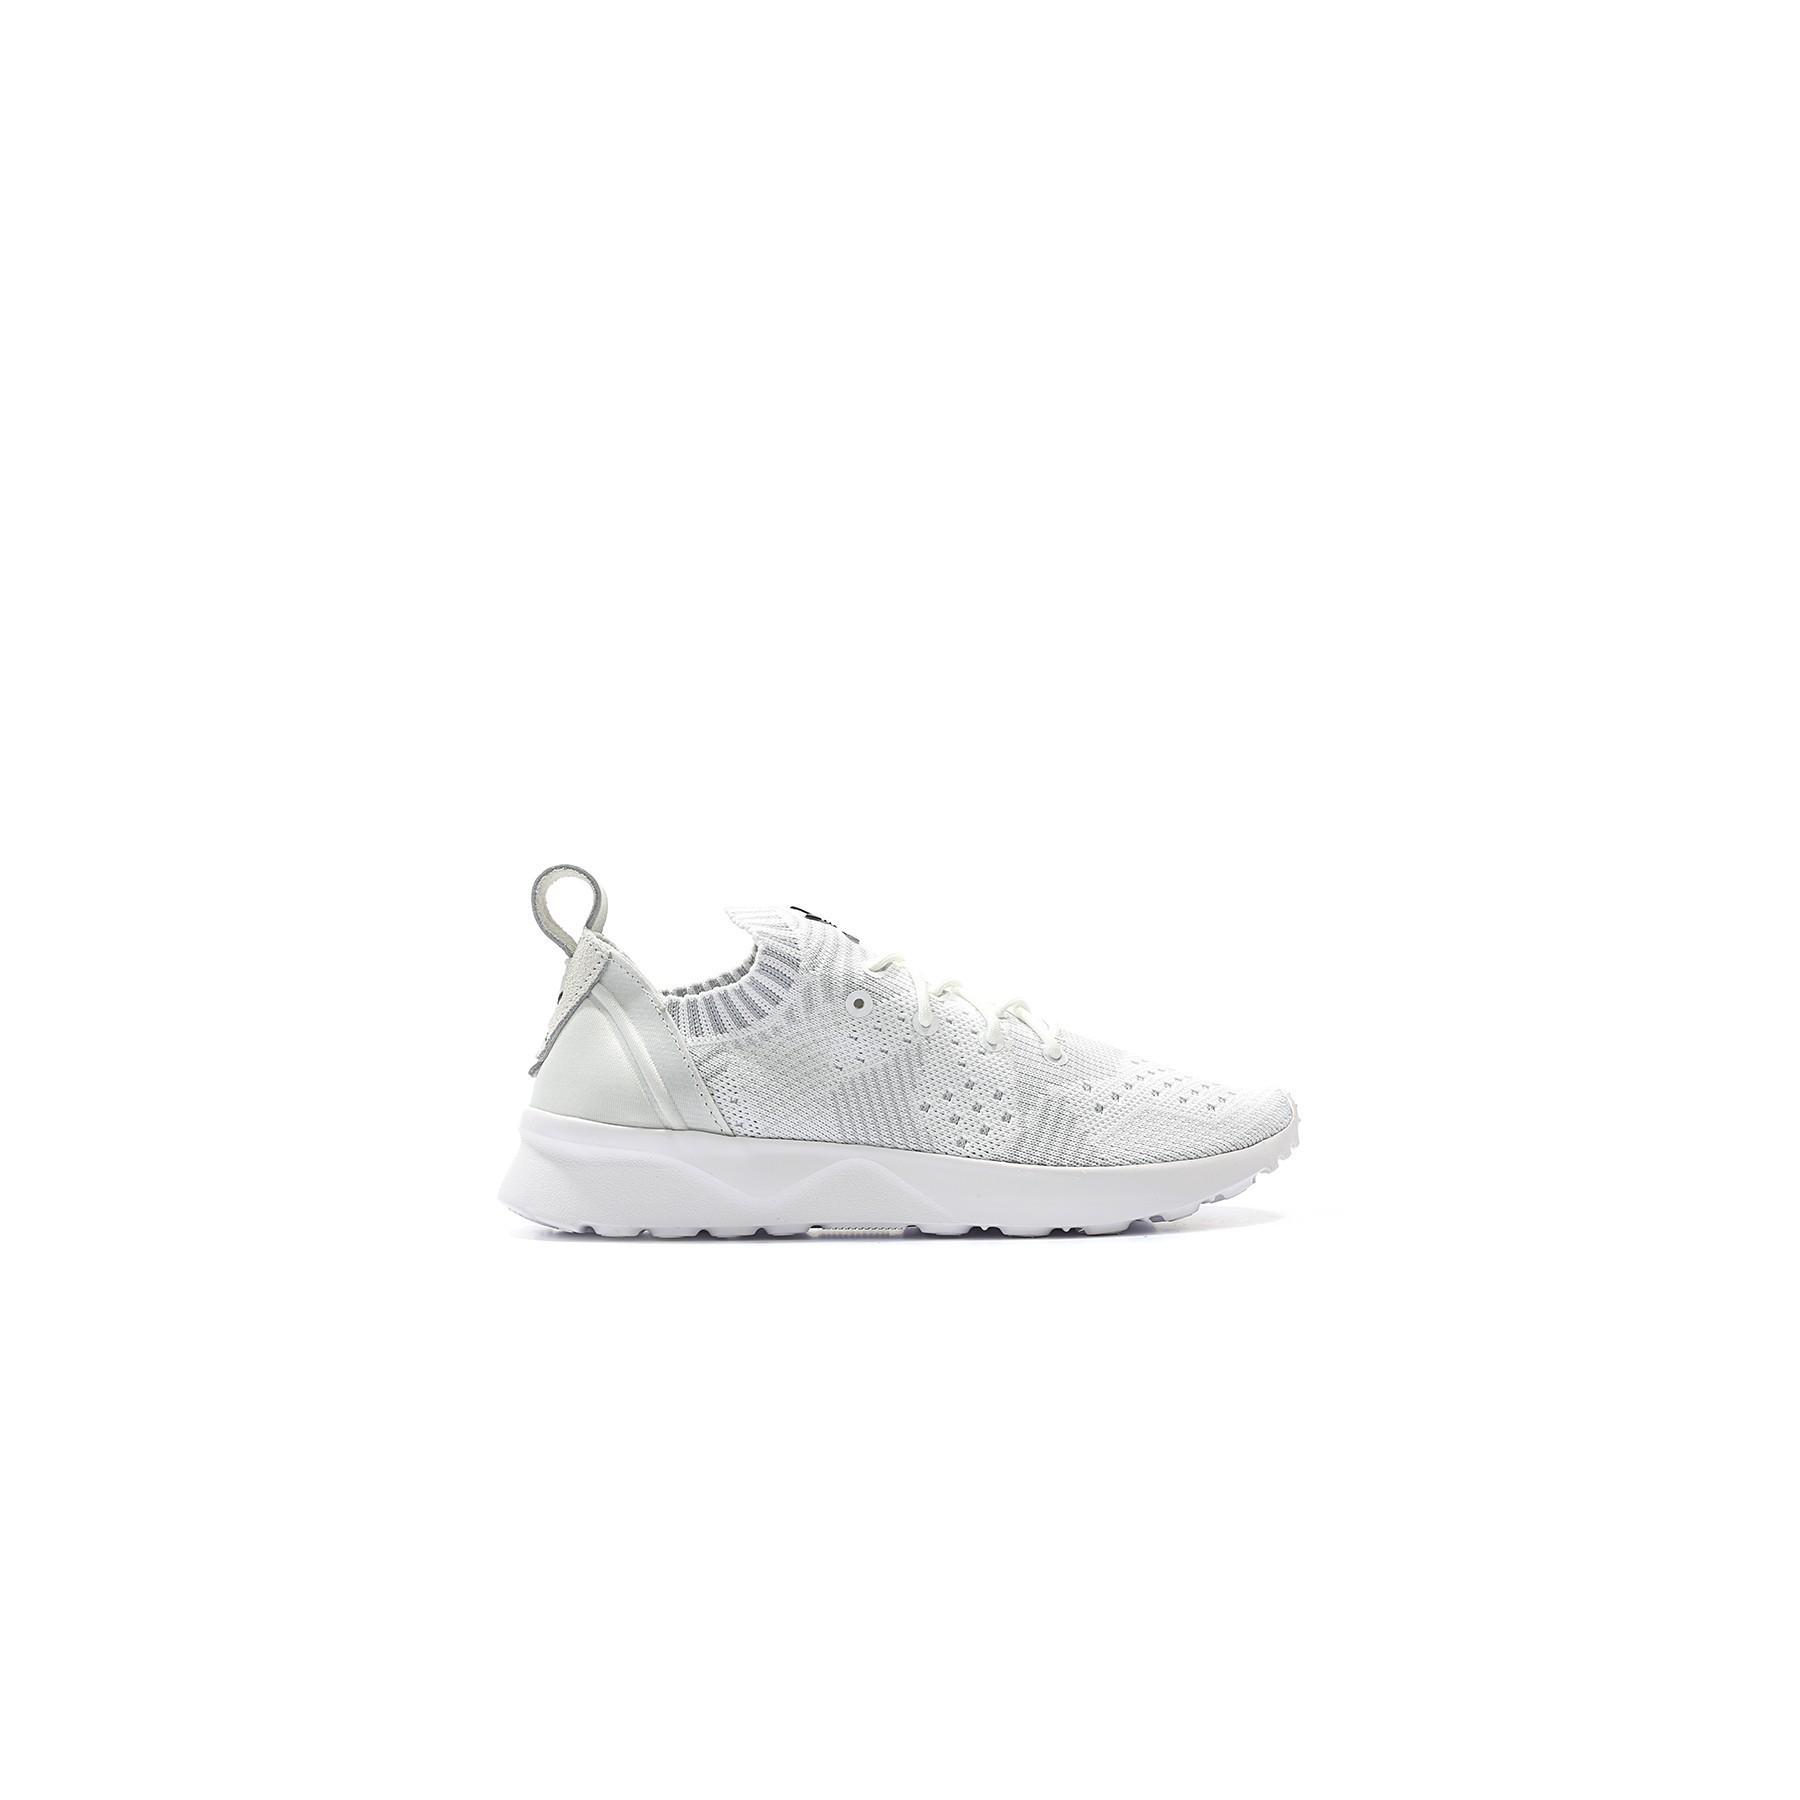 adidas zx flux pk bianco